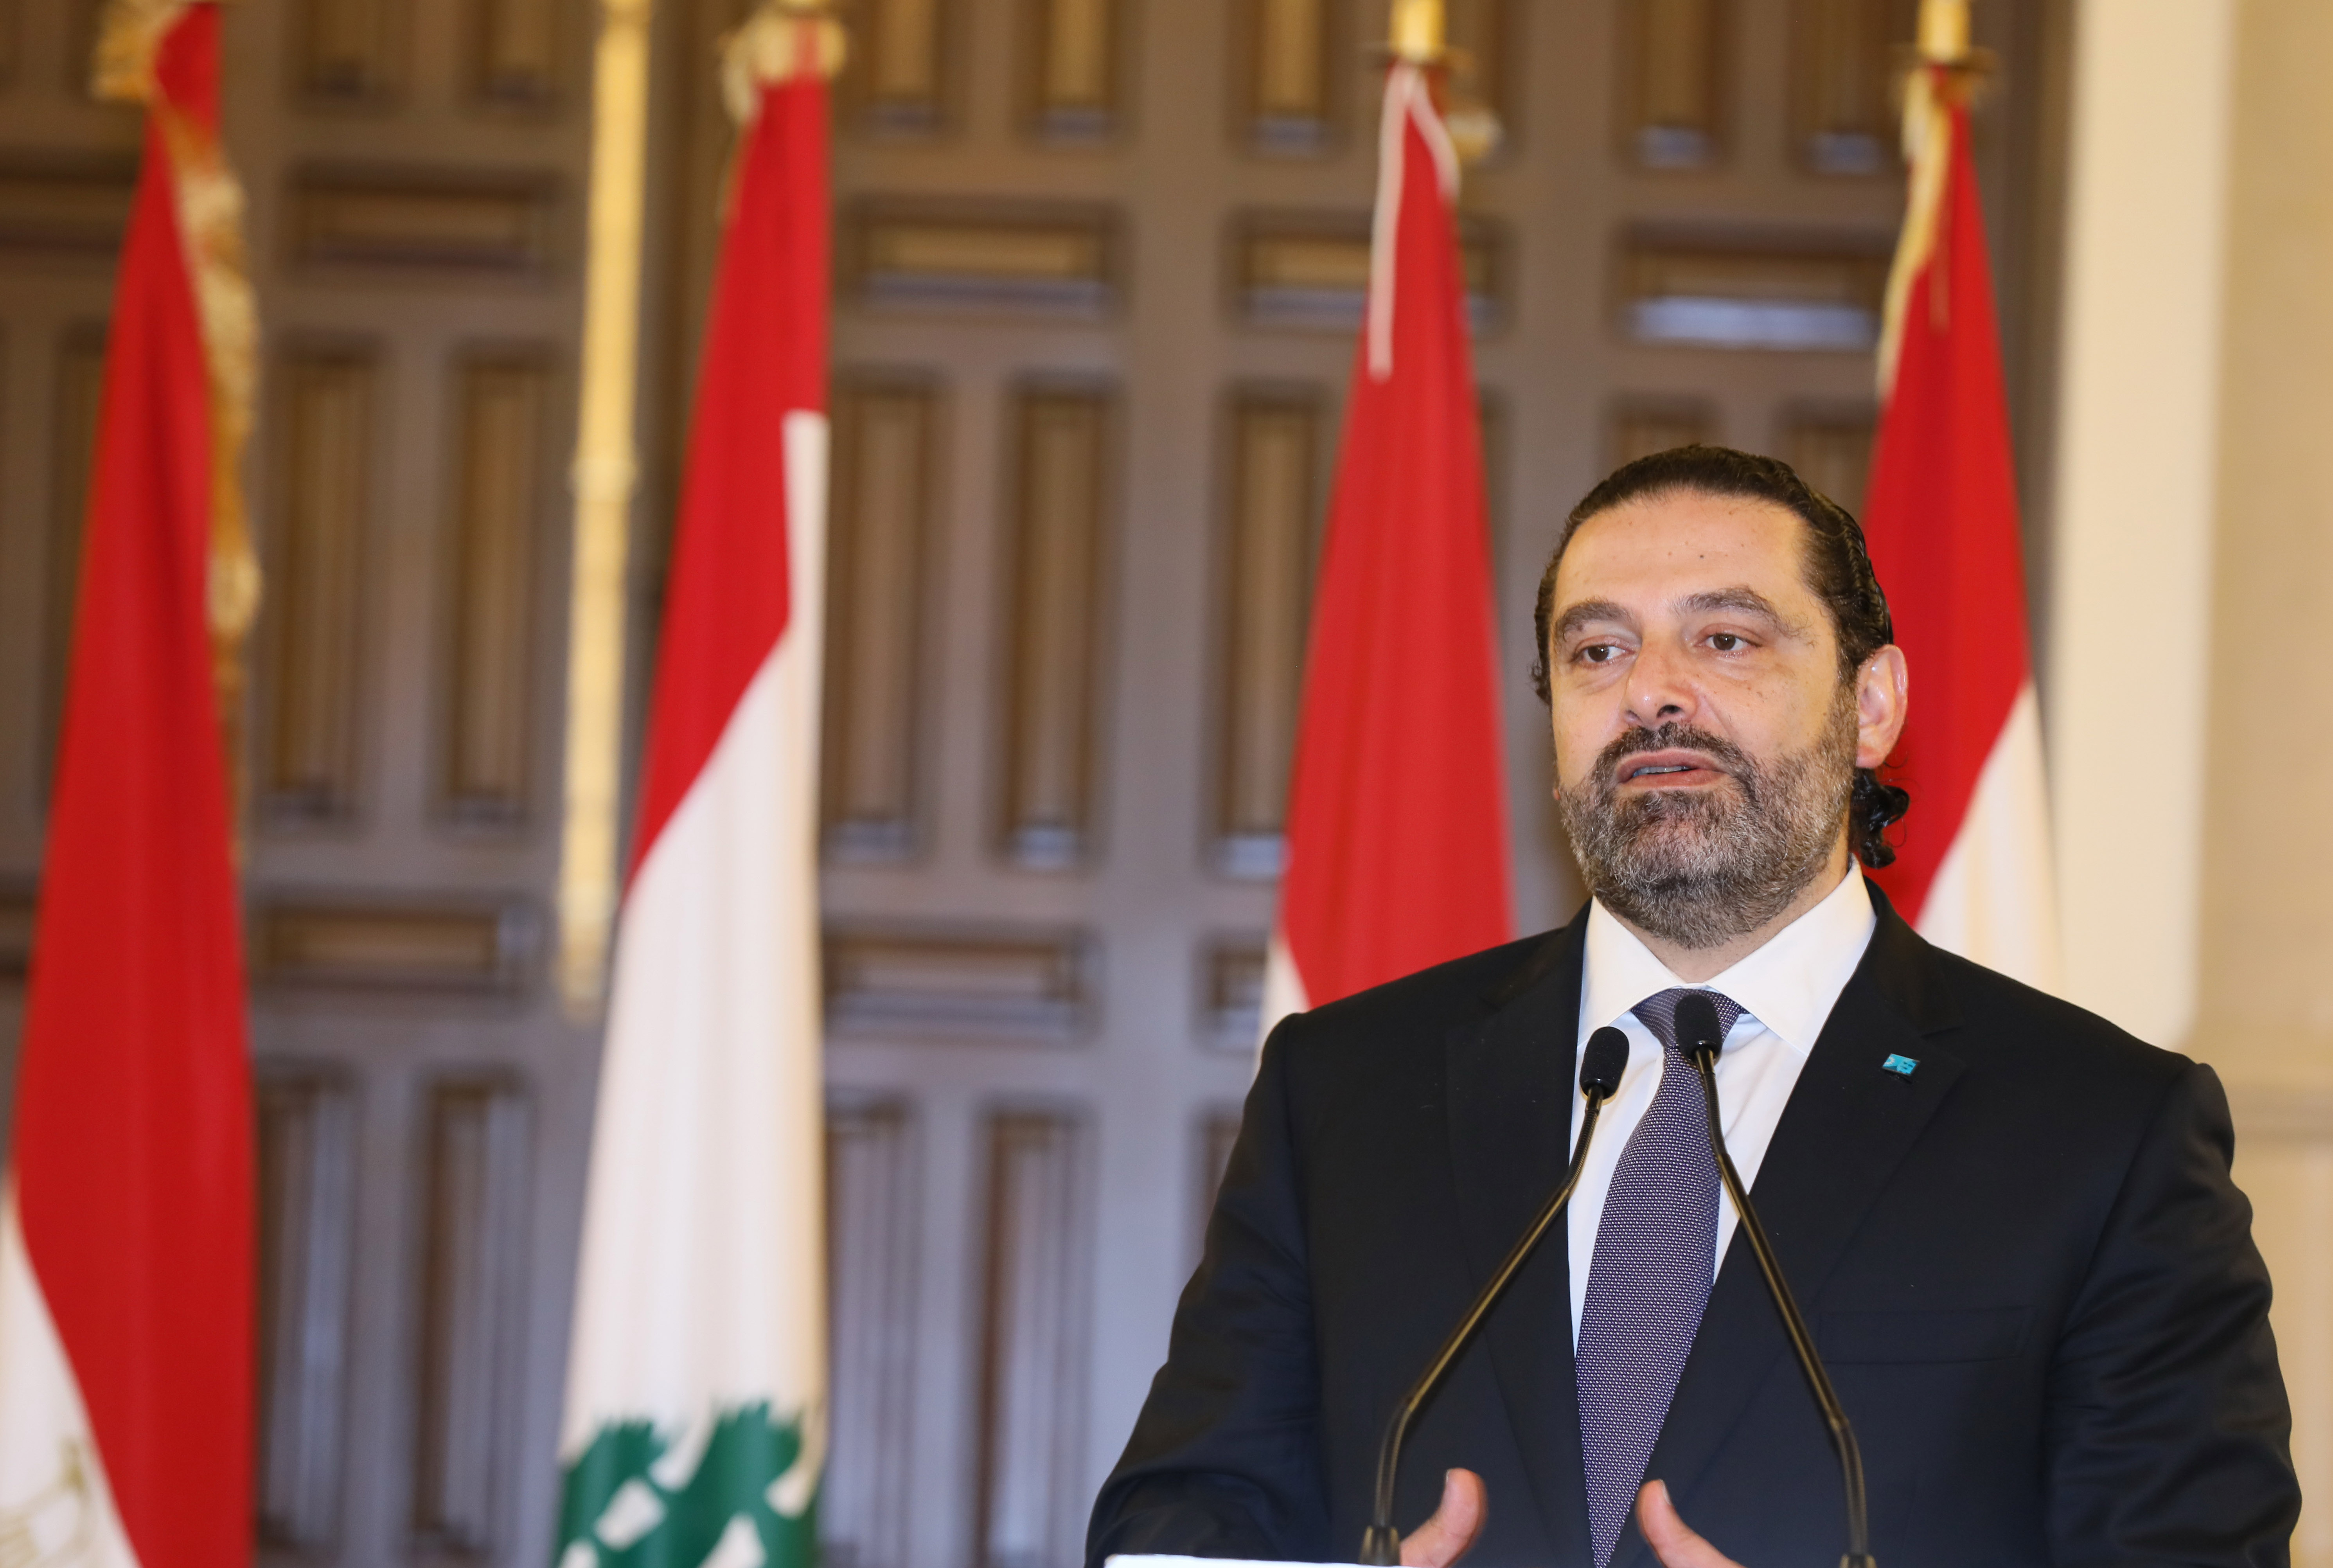 Pr Minister Saad Hariri meets Egyptian Pr Minister 3